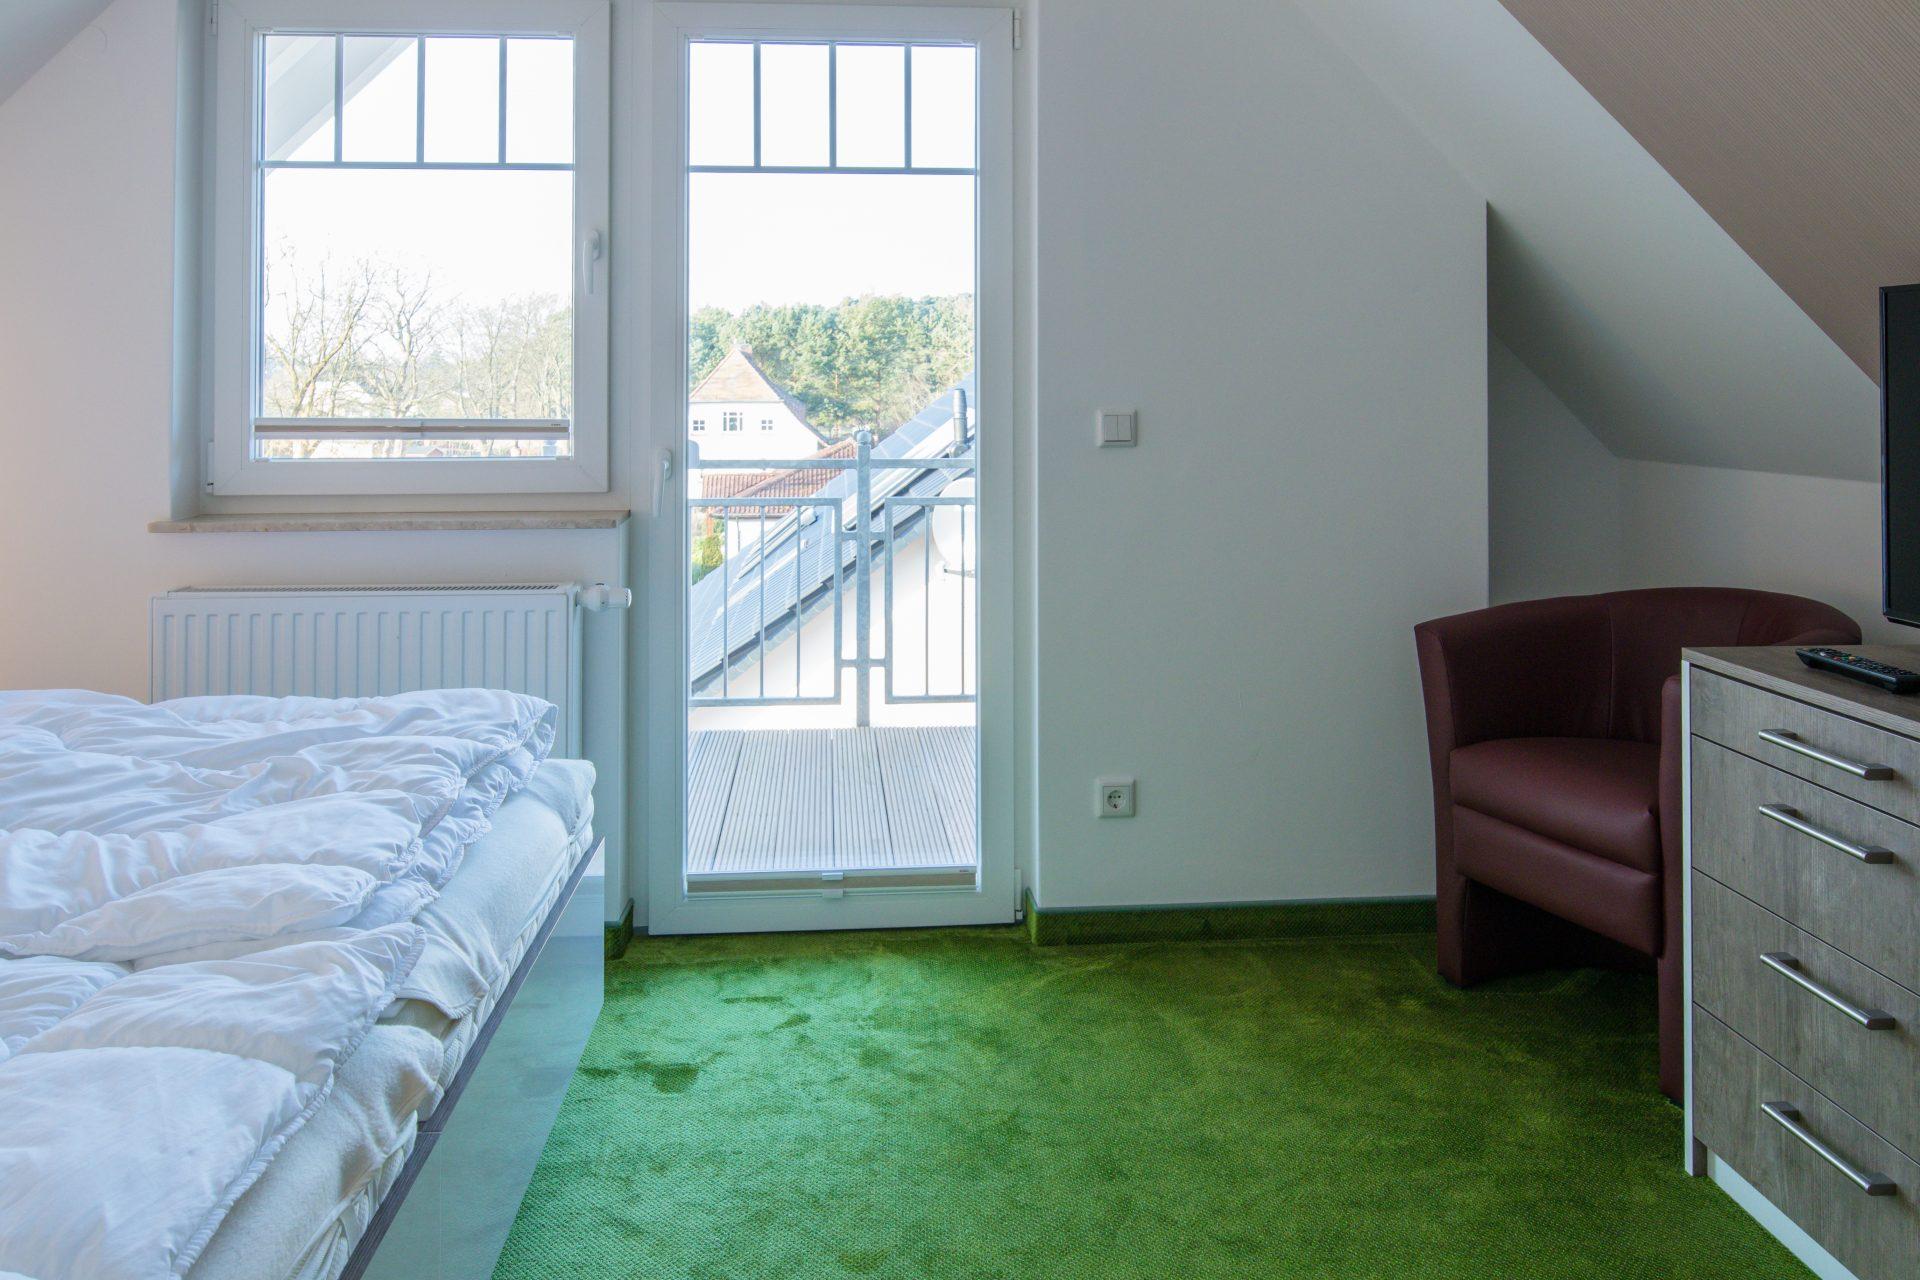 Schlafzimmer im Dachgeschoss mit eigenem Balkon